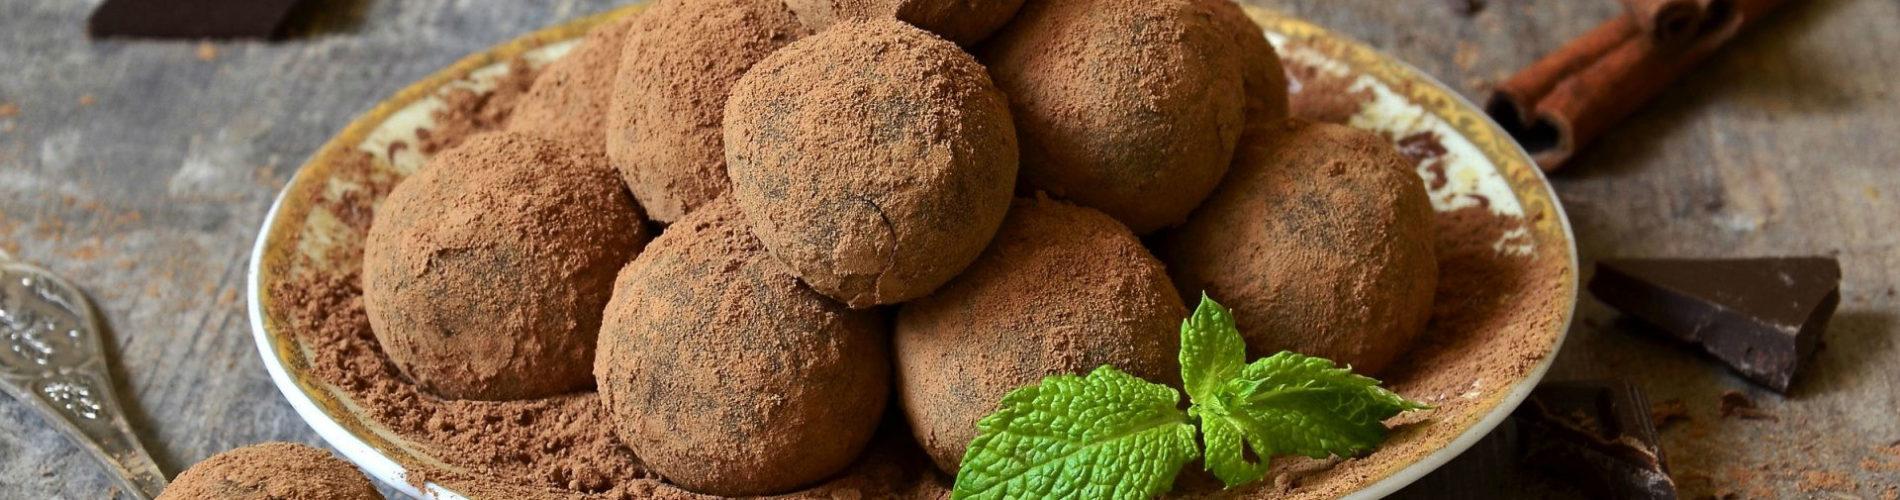 Рецепт трюфелей в шоколаде для сувида